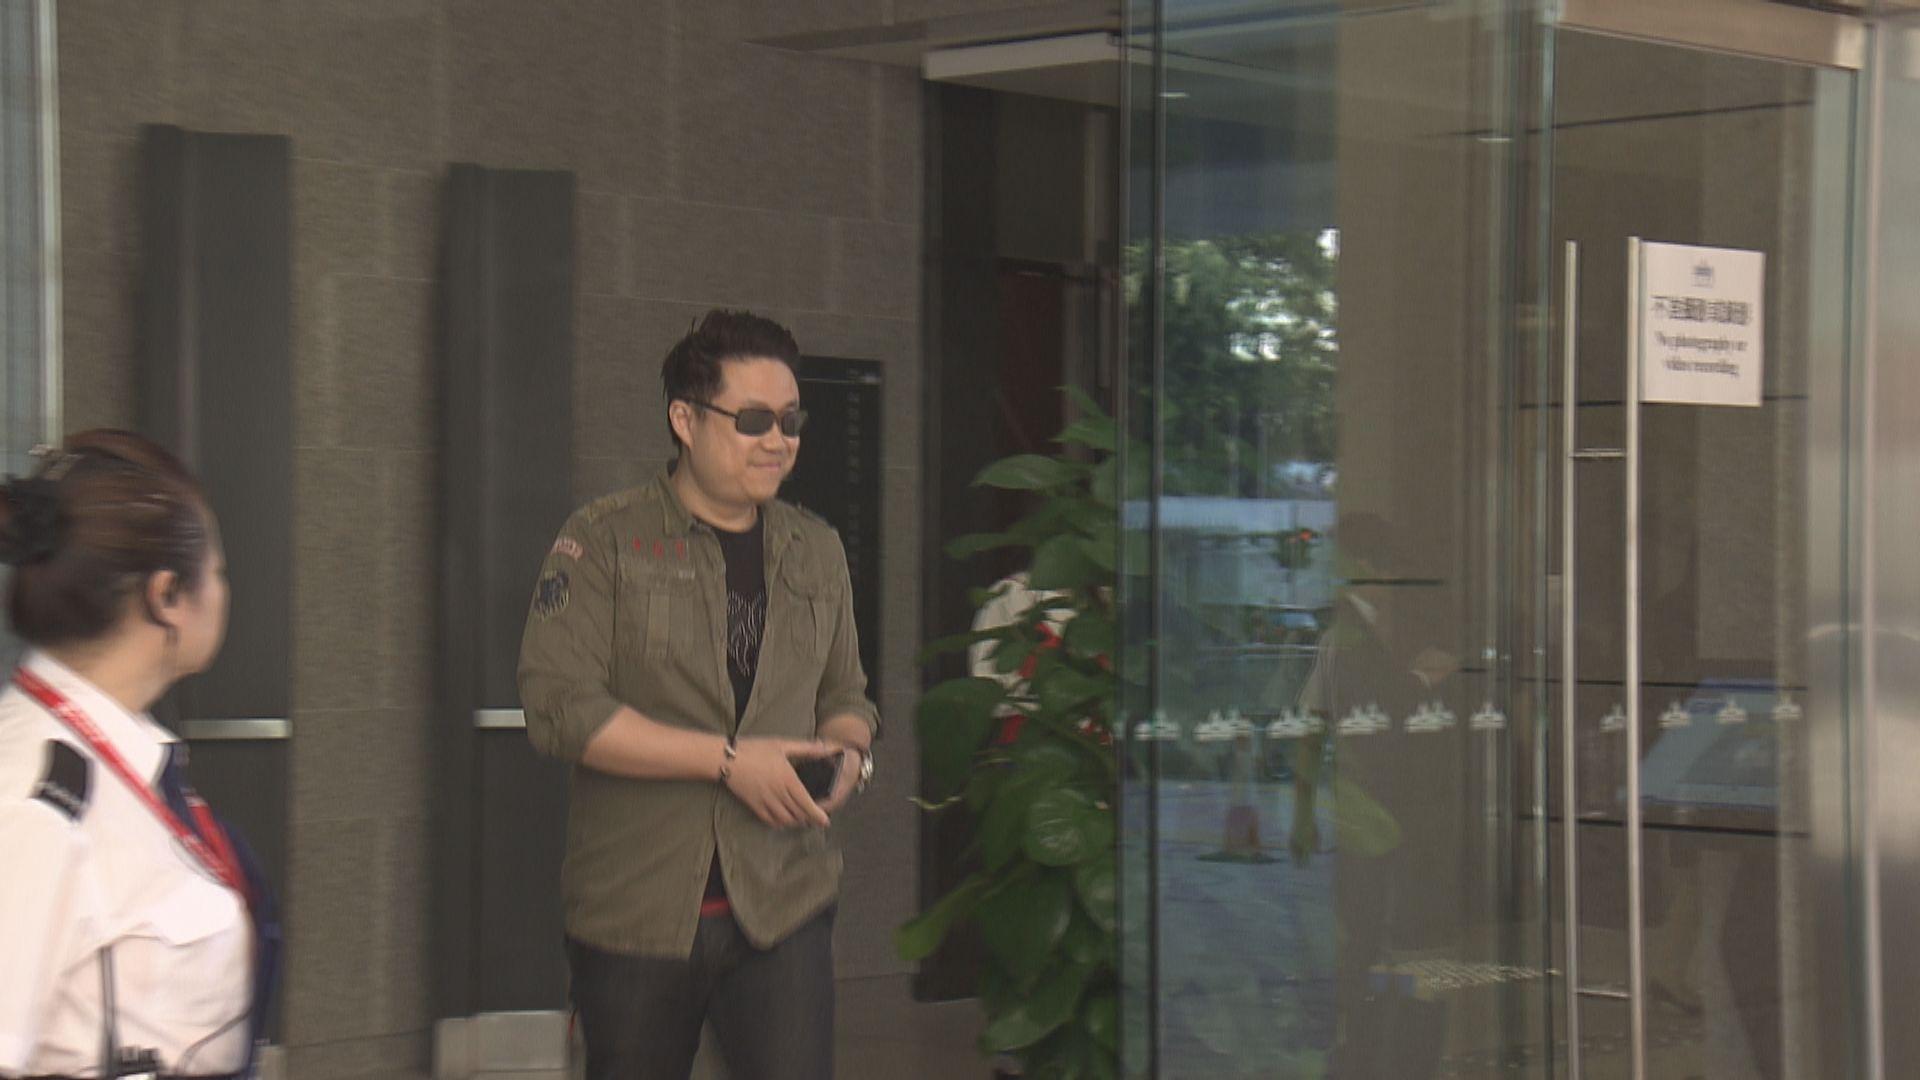 蕭源與兩前主考員串謀公職人員行為失當罪成